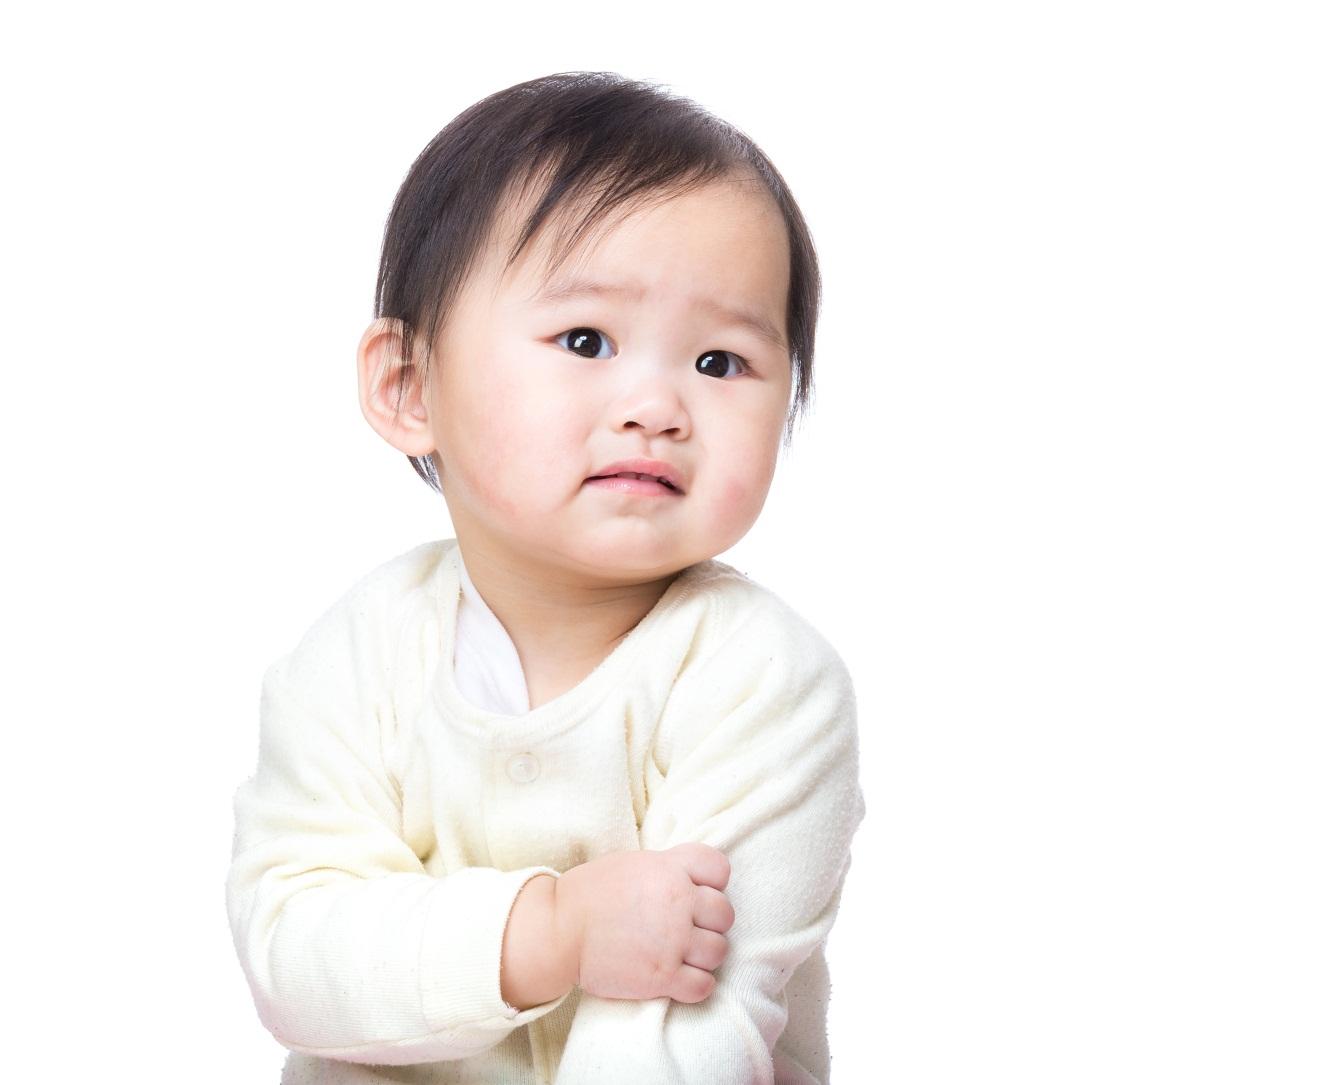 Si Kecil Sering Gatal karena Biang Keringat? Yuk, Gunakan Bedak Bayi ini